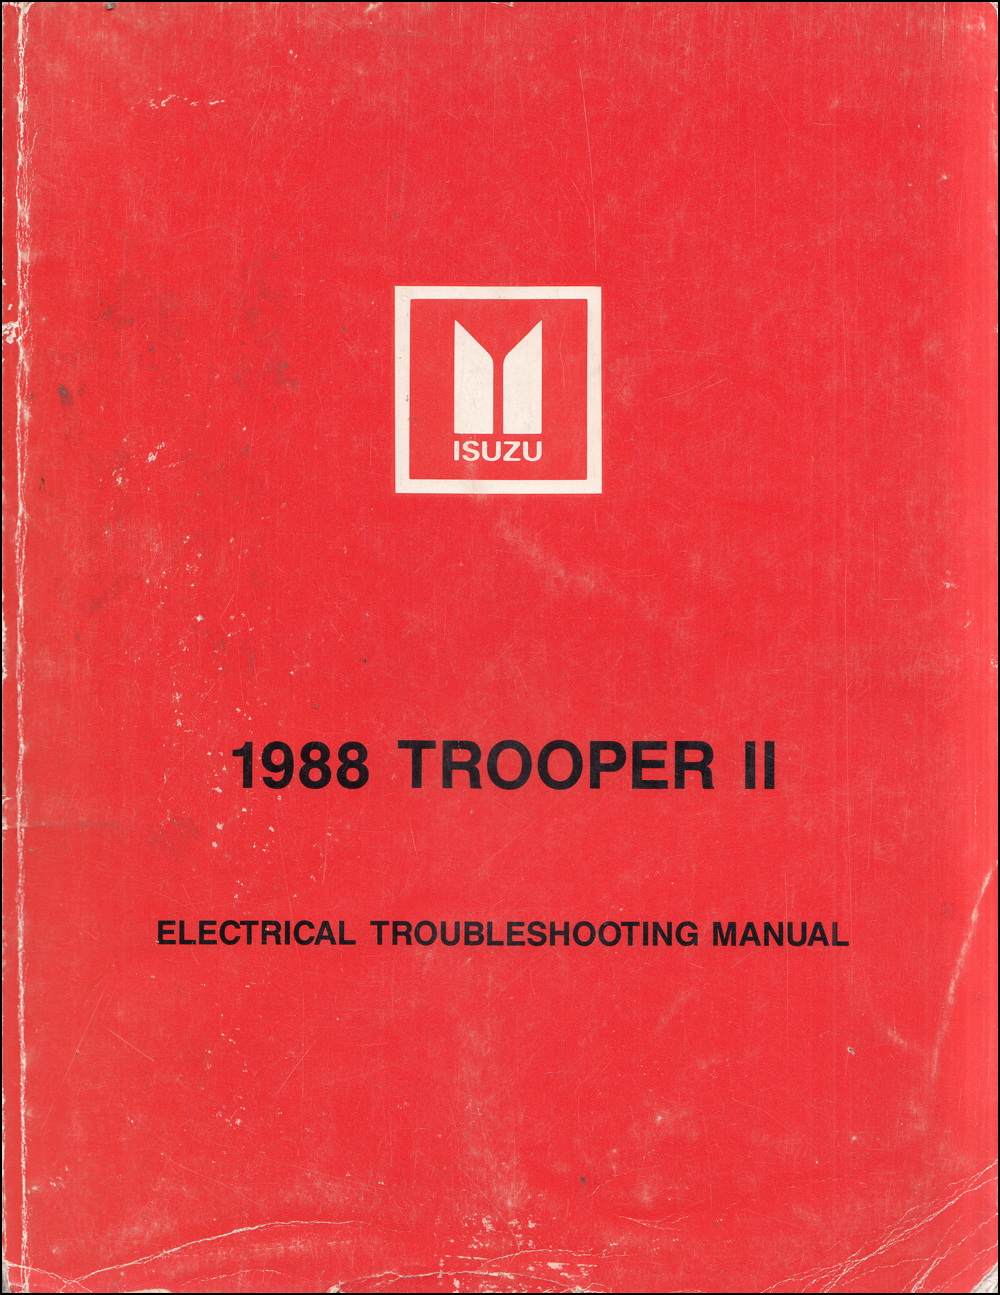 Wiring Diagram 1988 Isuzu Trooper Fuelpump Electricals Schematic